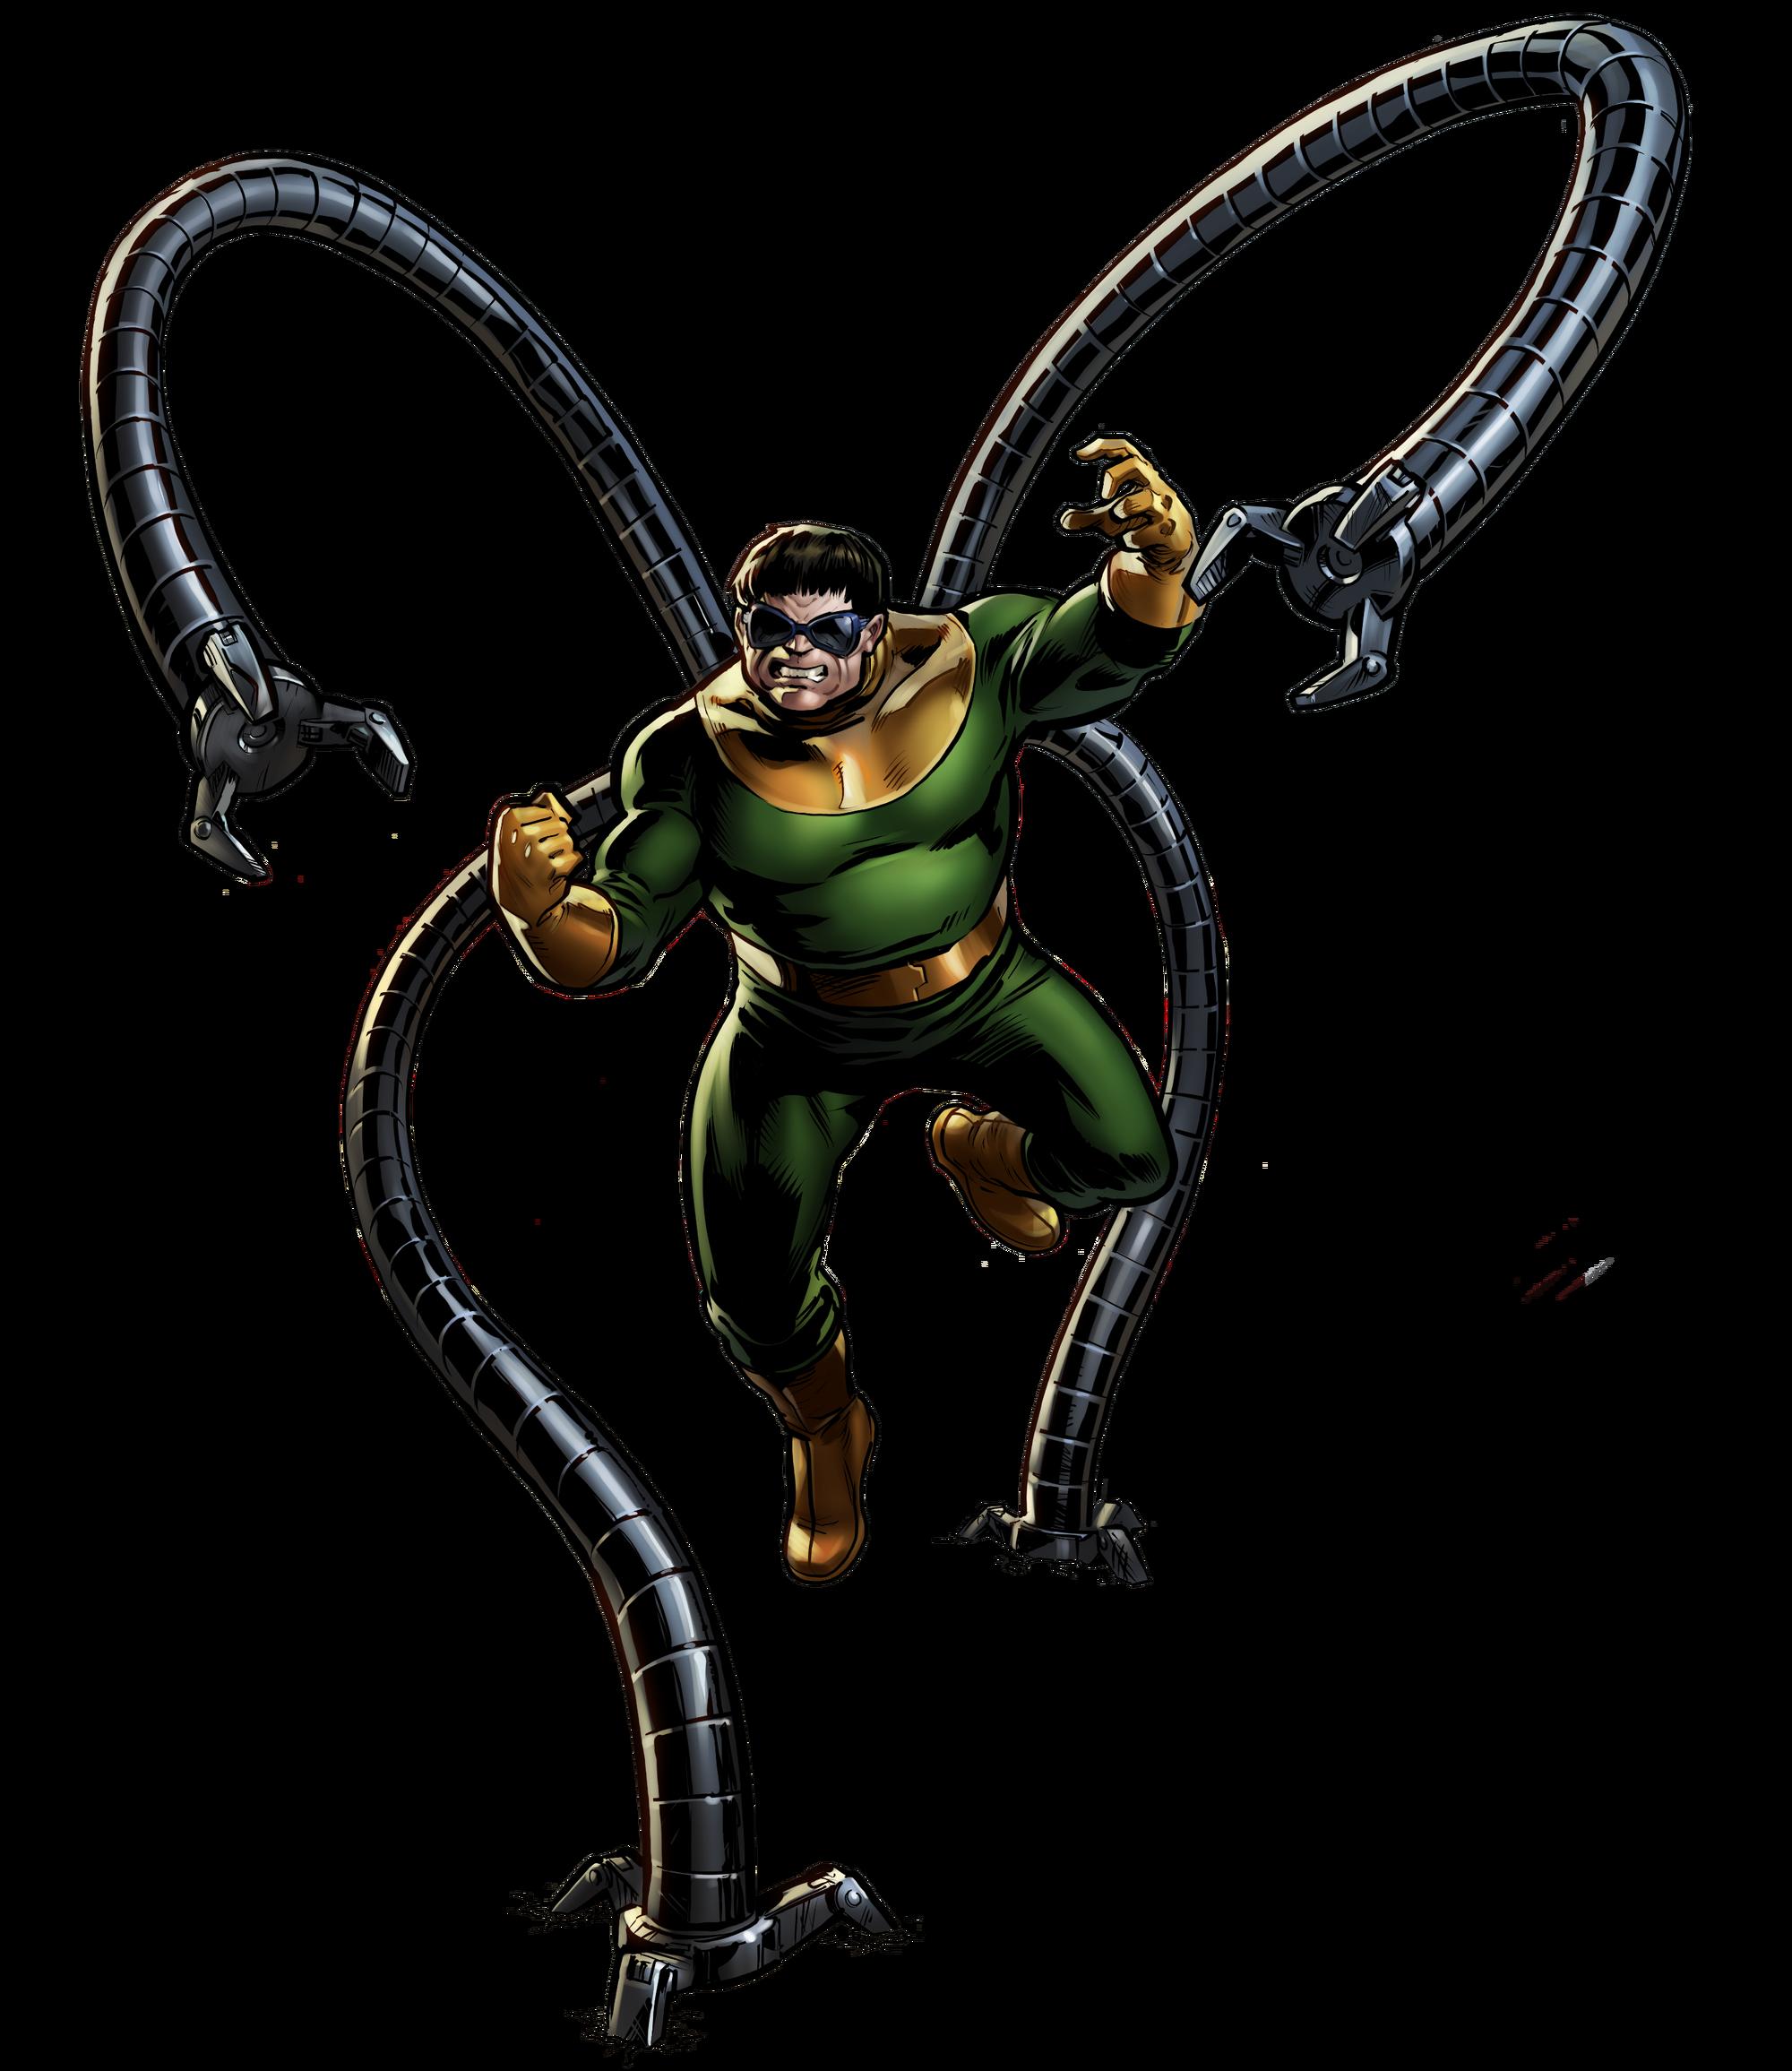 Doctor Octopus | Death Battle Fanon Wiki | FANDOM powered ...